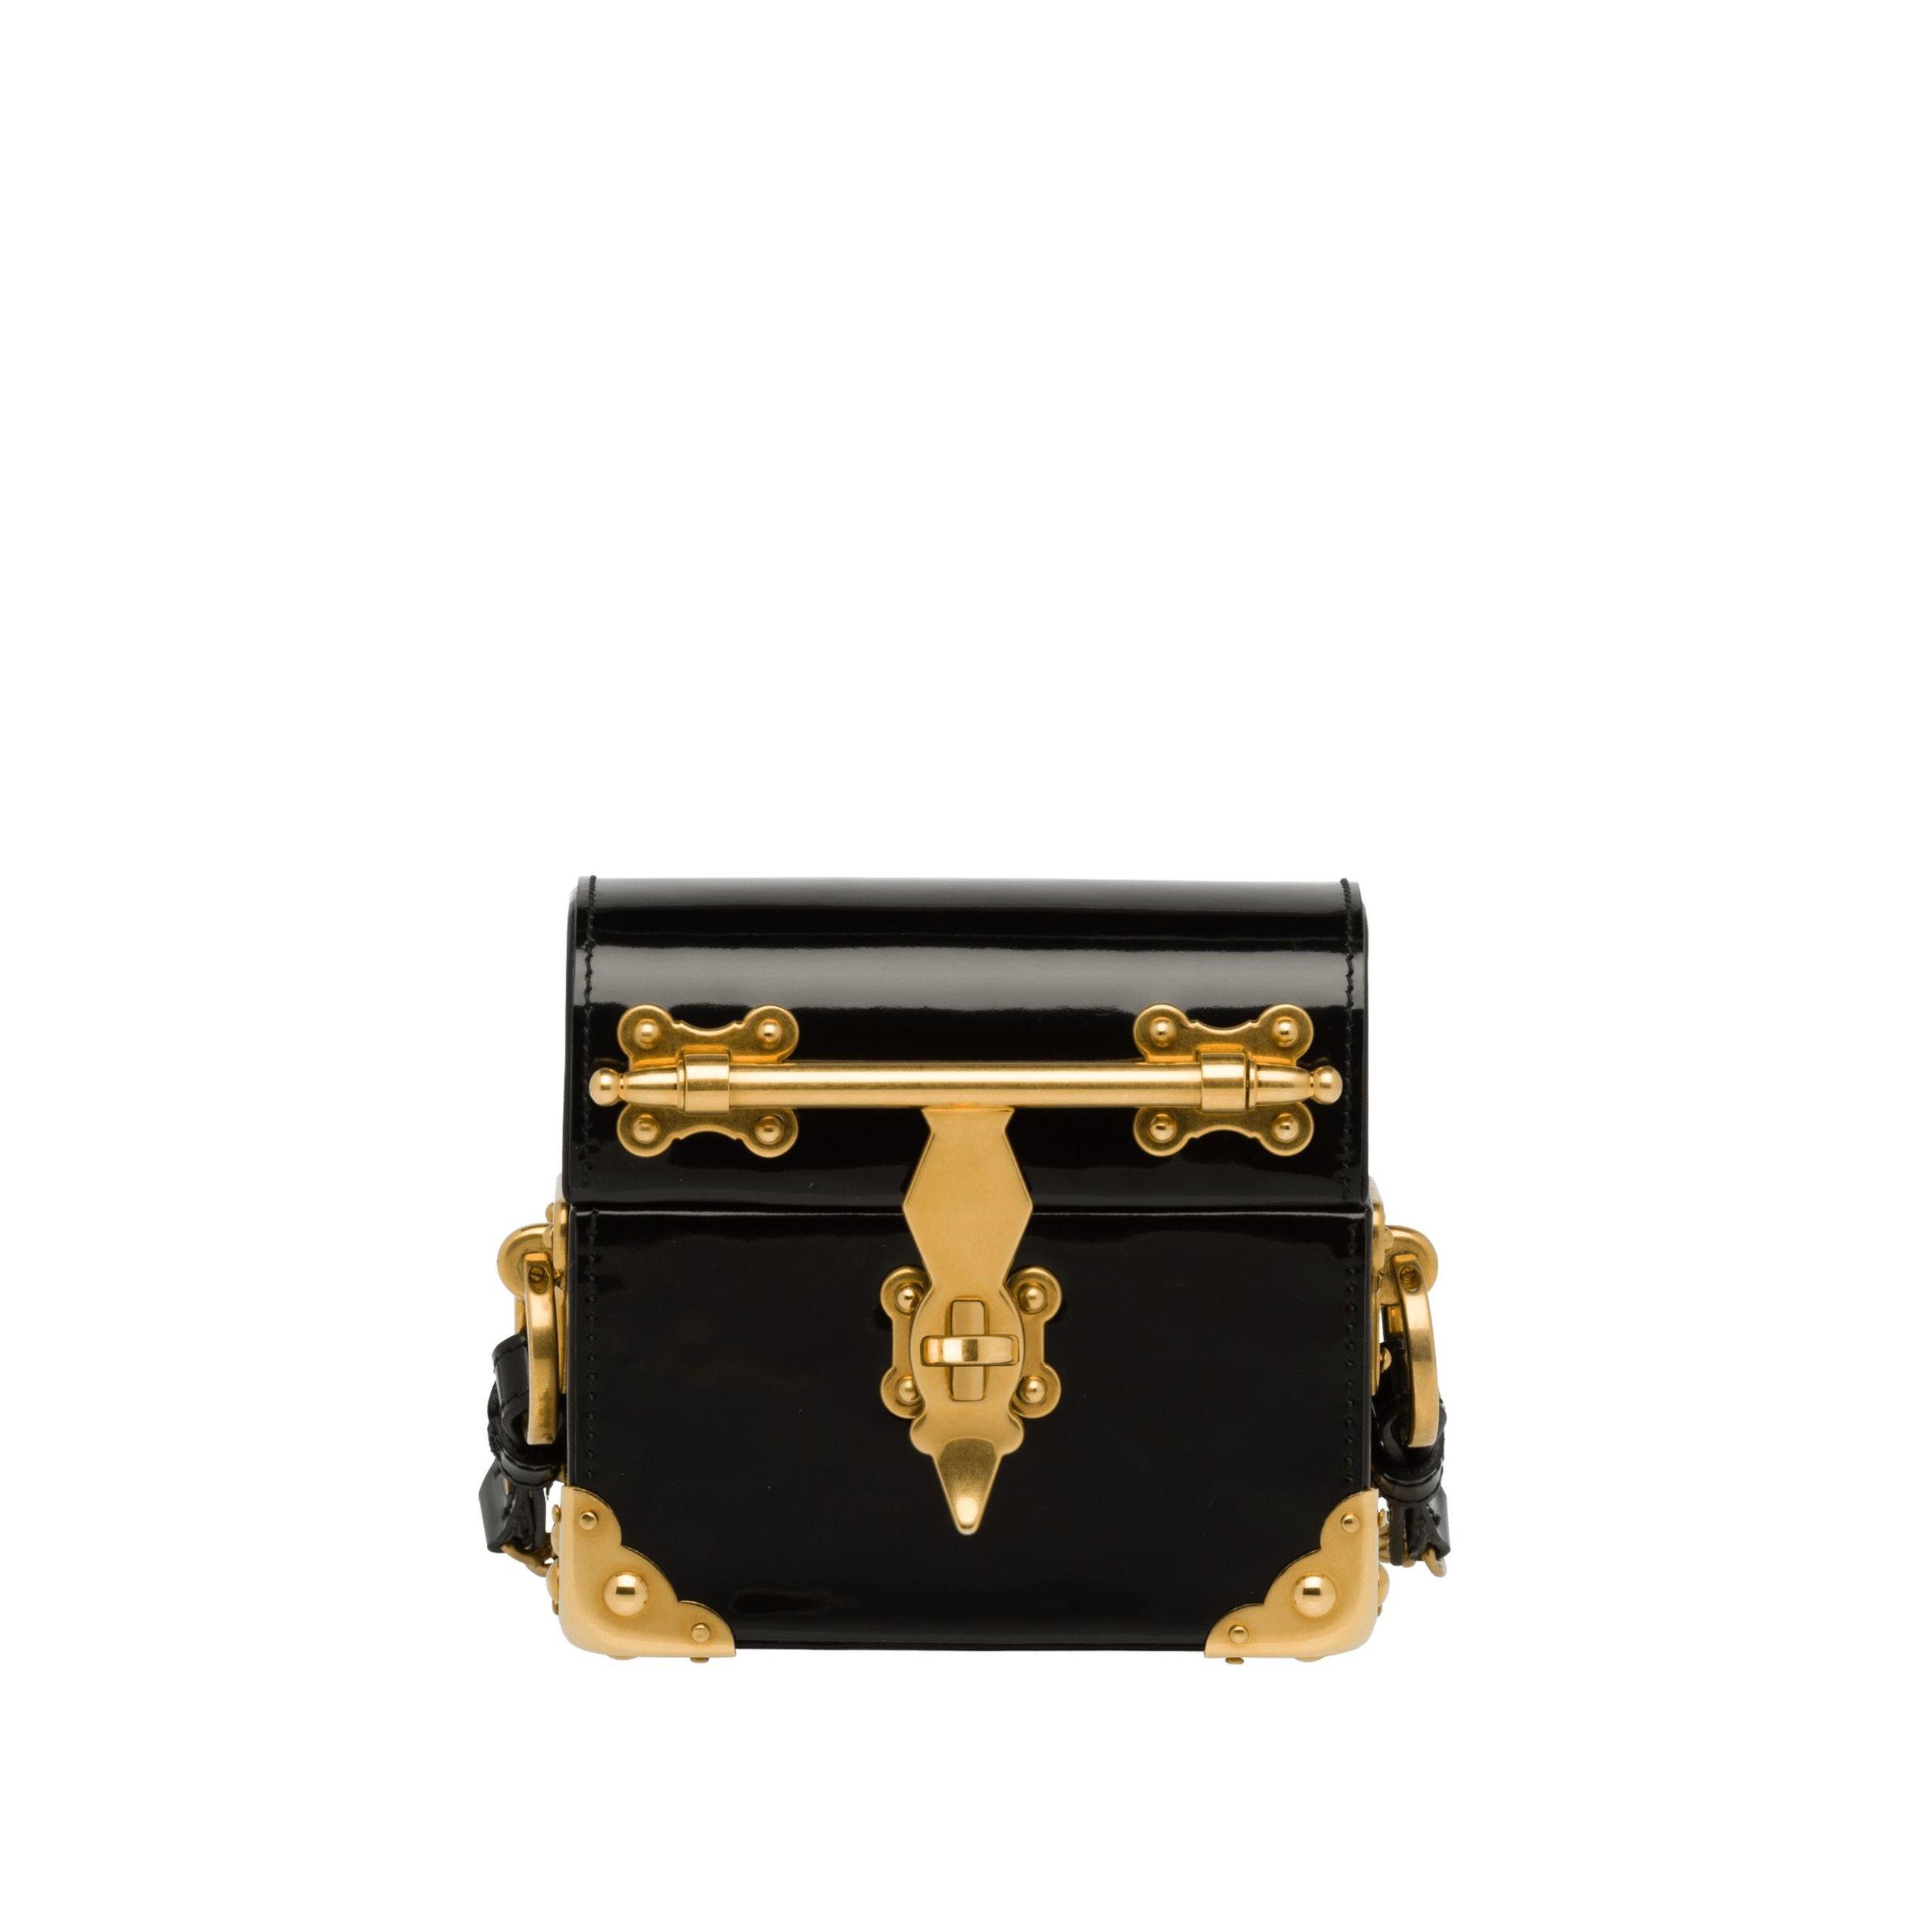 prada micro box bag - $2,850